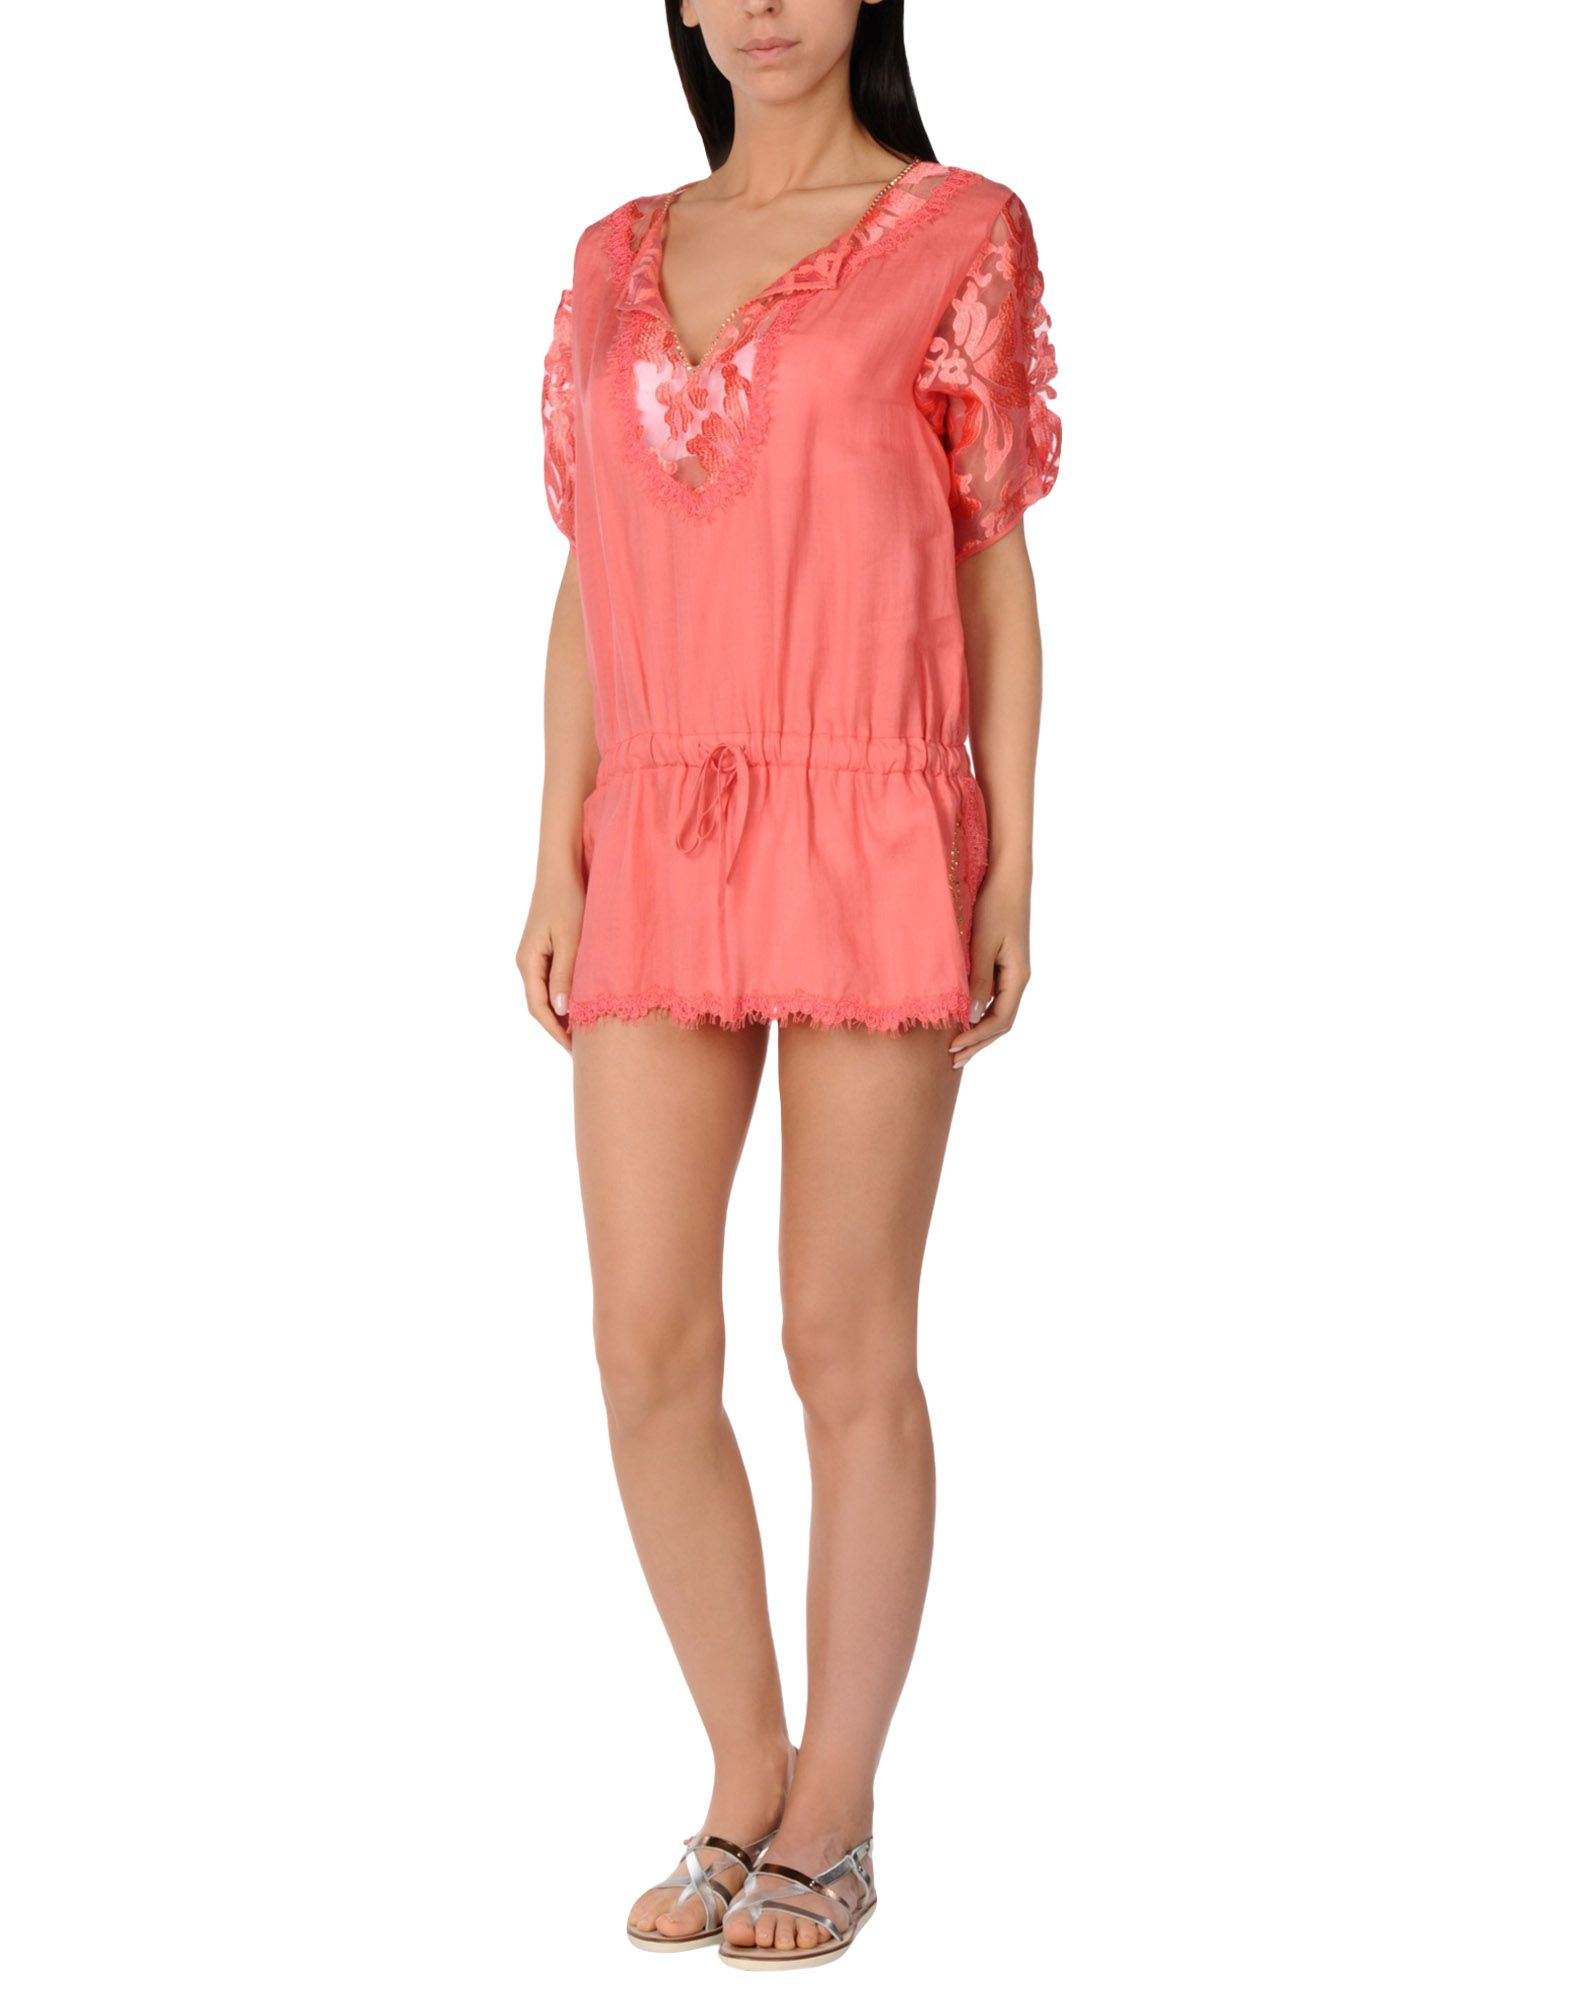 VDP BEACH Пляжное платье полуприлегающее платье с цветочным принтом vdp beach